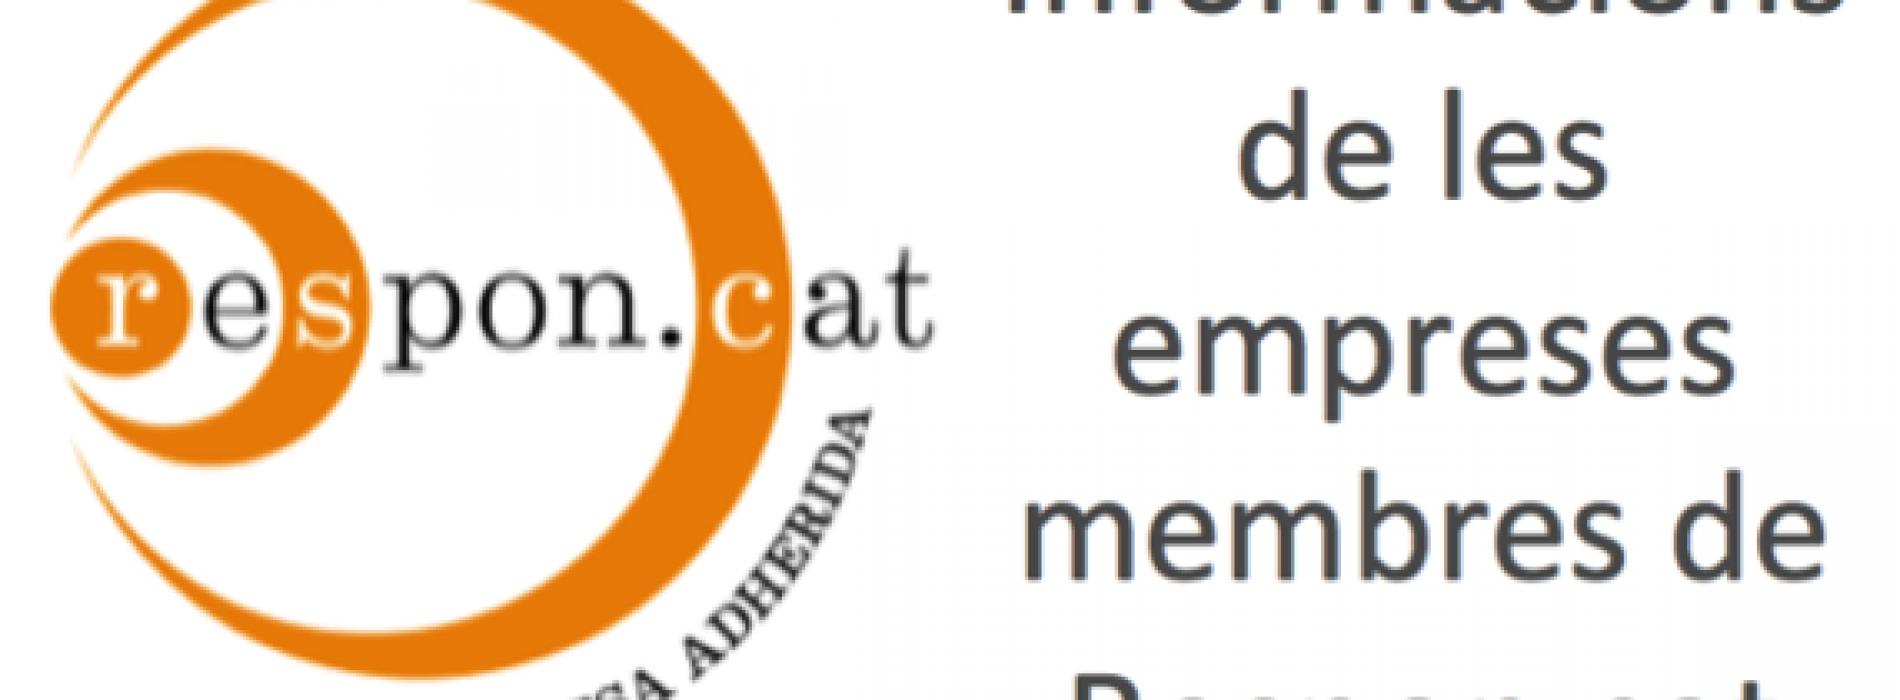 5 empreses membres de Respon.cat presents en la darrera edició del Butlletí Rscat